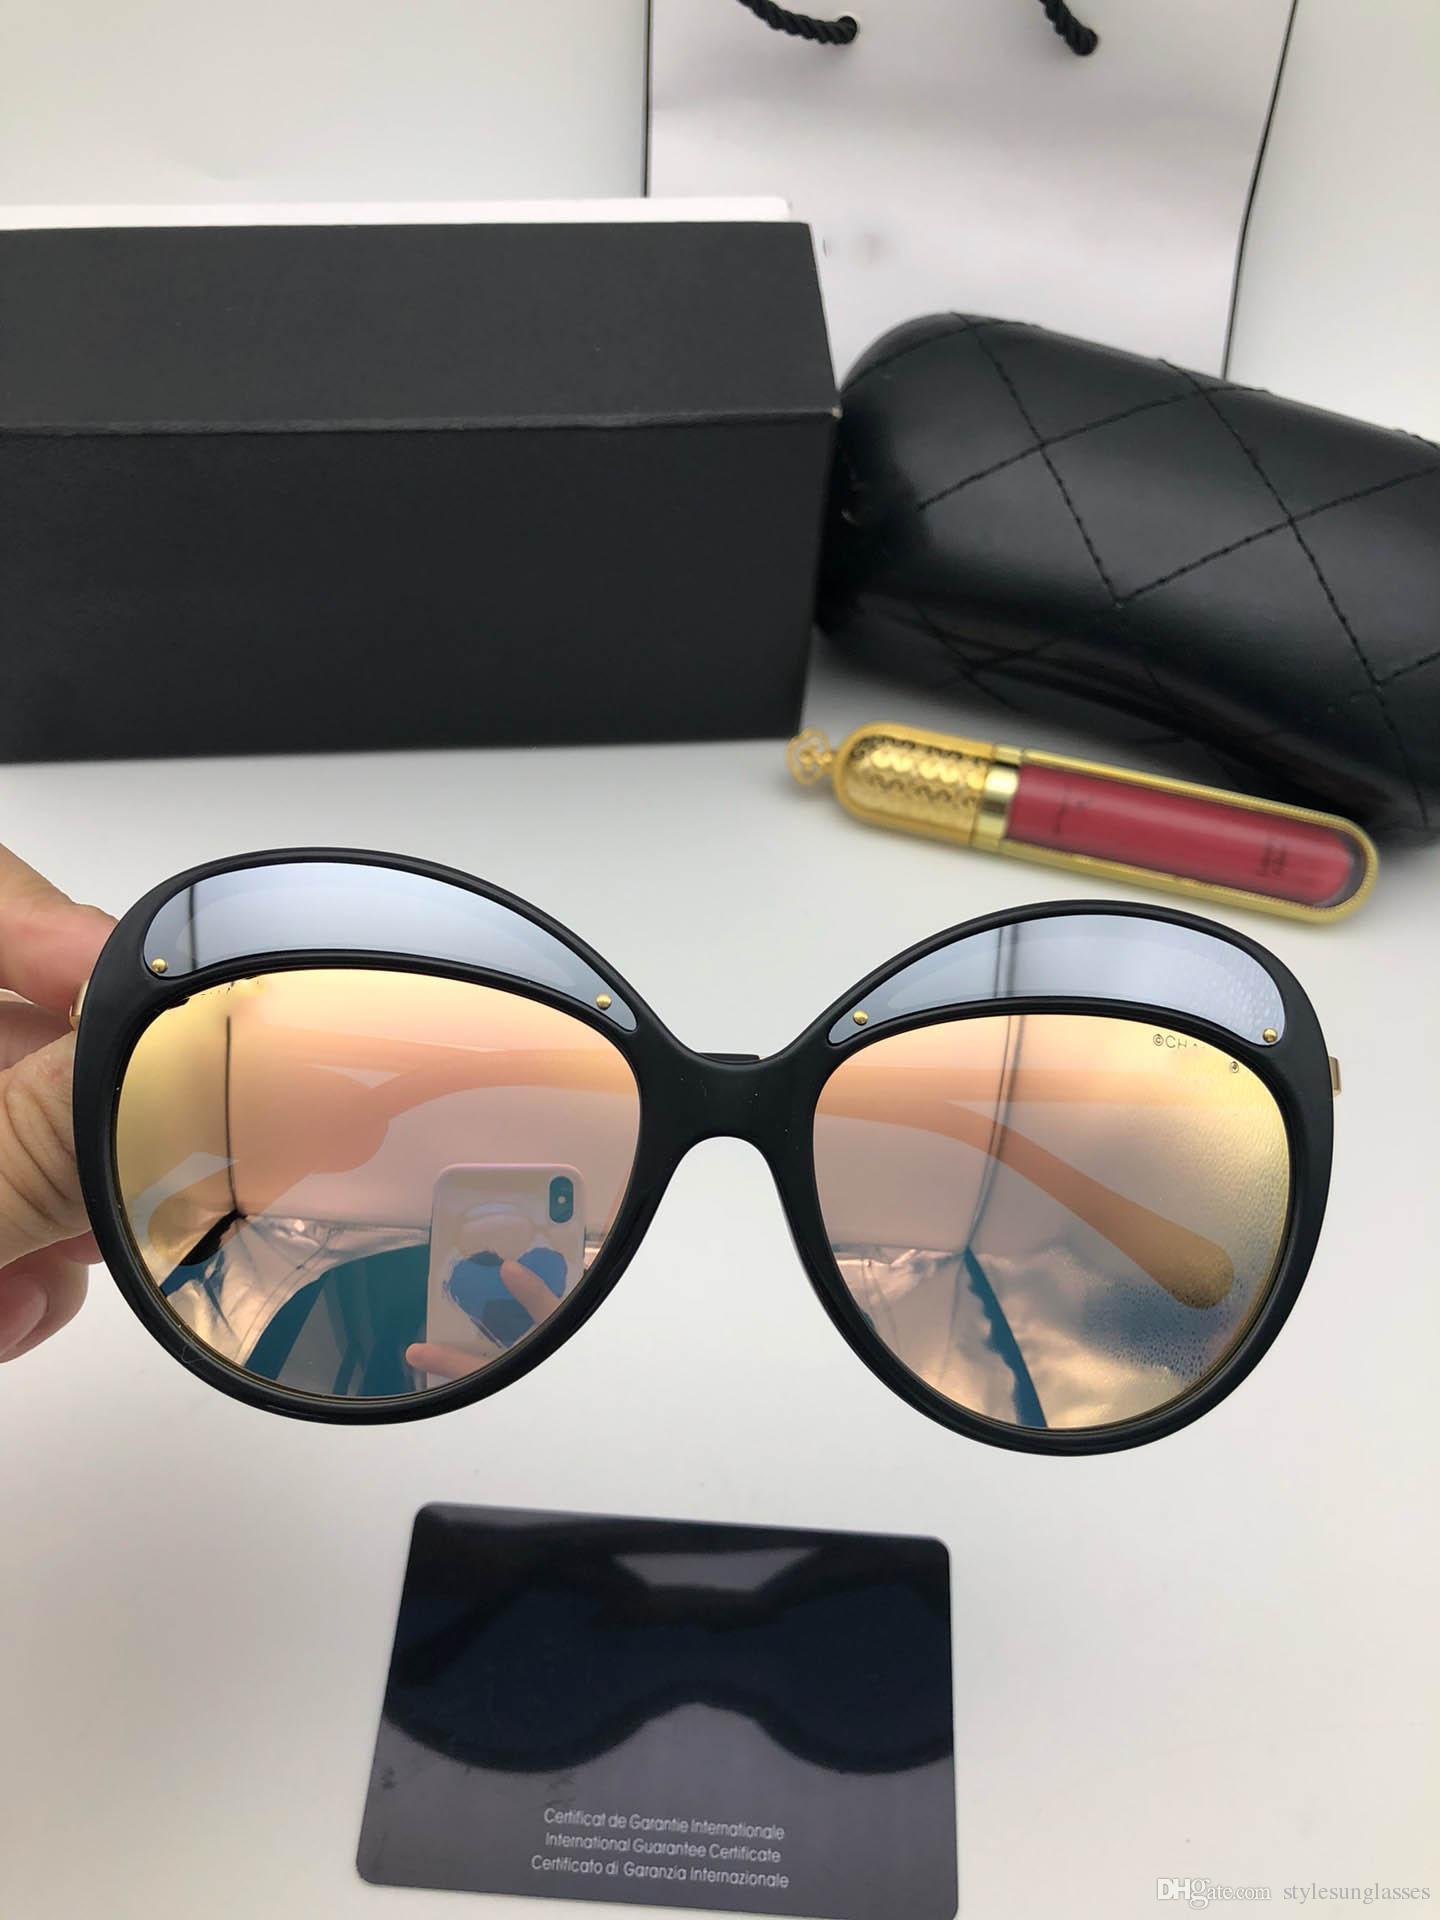 d4a47165c0704 Compre Chanel Cat Eye Custom 2018 Designer De Resina Espelho Oval Quadro  Completo Das Senhoras Dos Homens De Verão Nova Moda De Moda Uv400 Luz Dos  Olhos ...